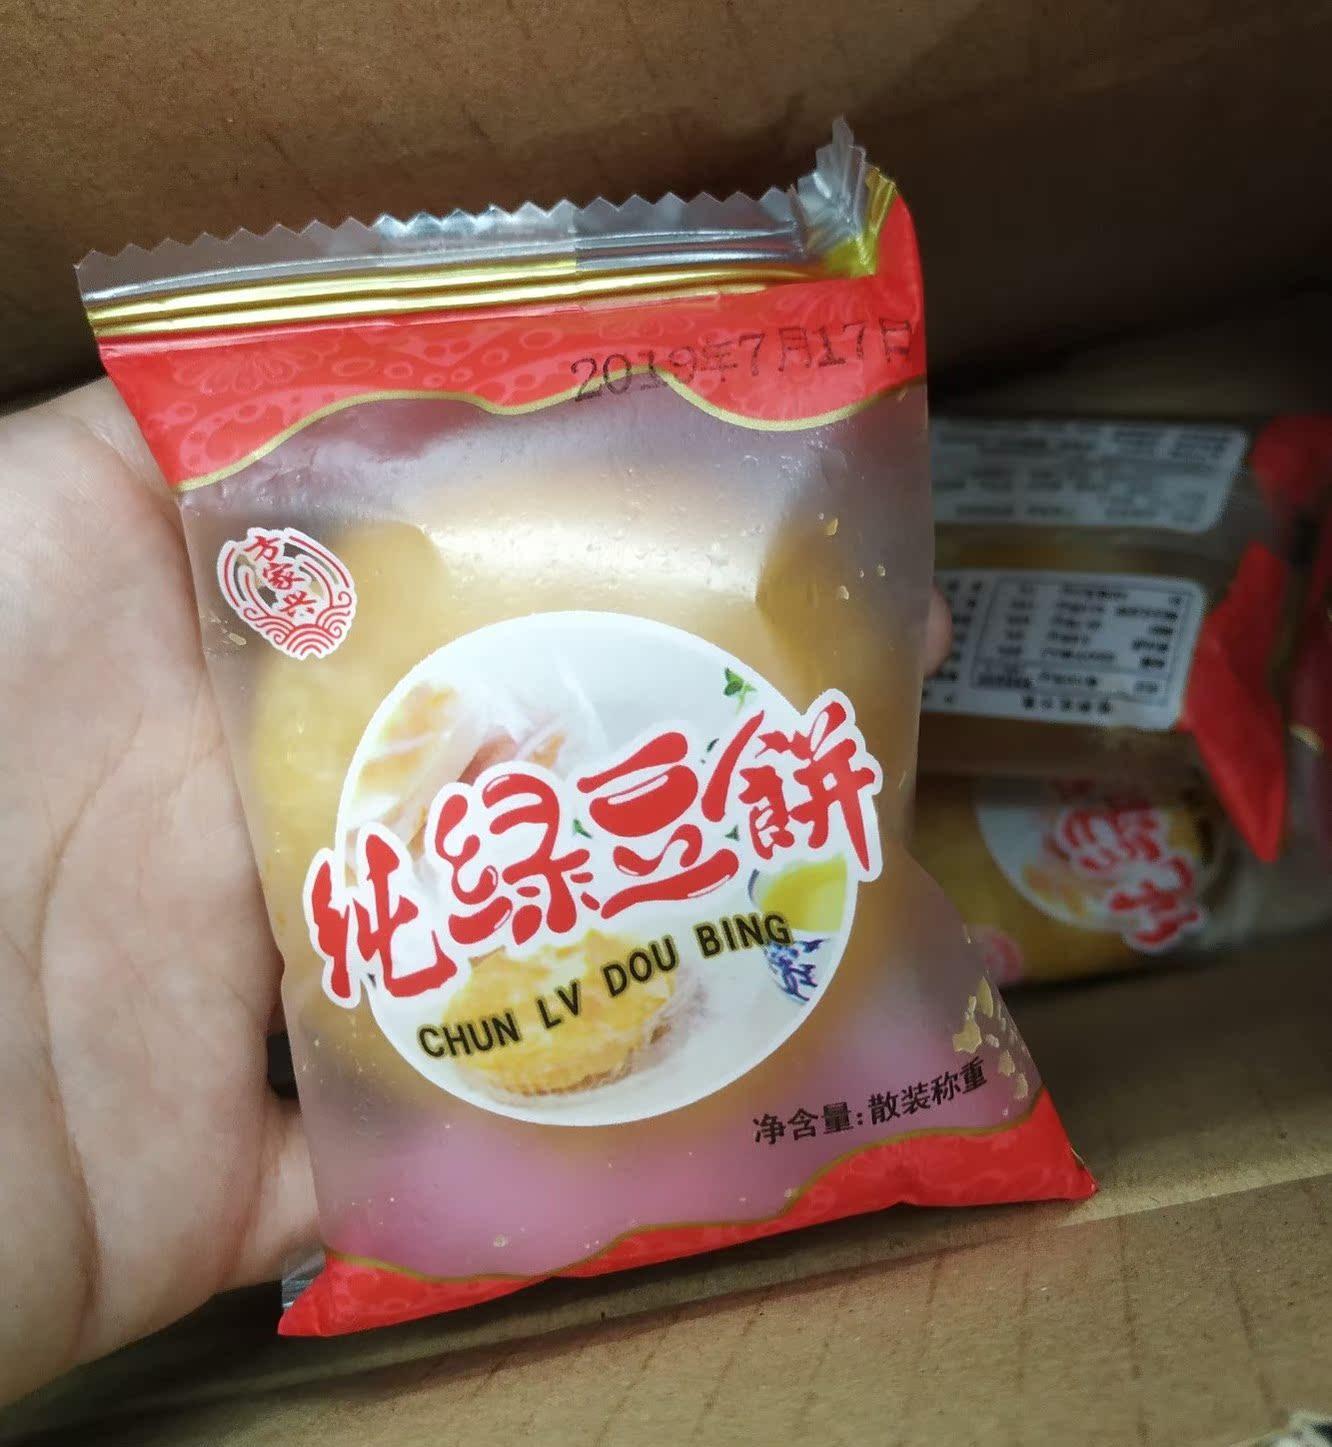 【吃货推荐】【5斤特卖】酥皮老婆饼厦门馅饼绿豆饼香芋传统糕点